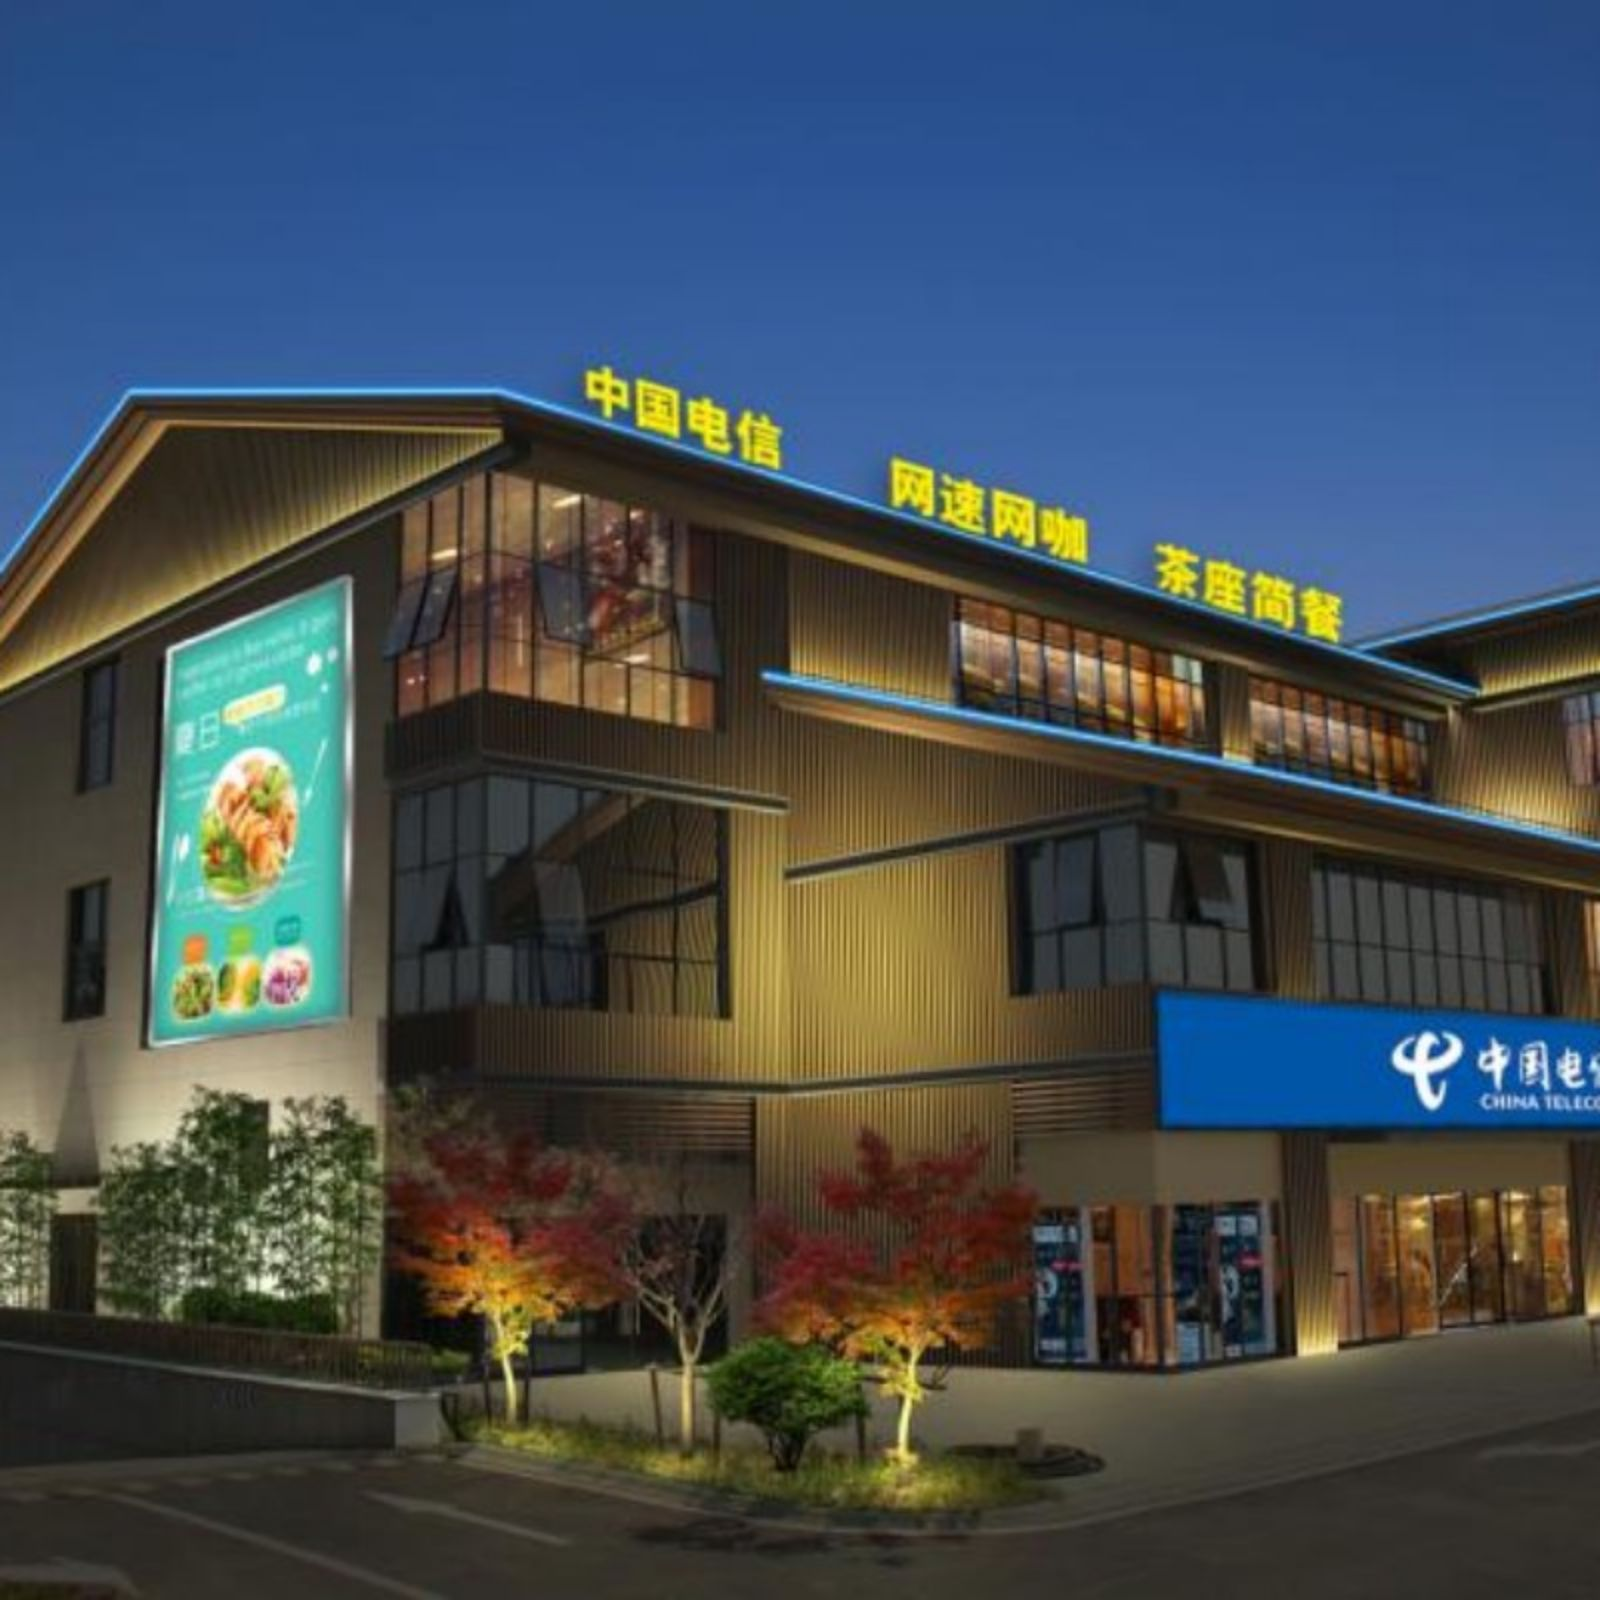 苏州张家港泗港便民服务中心